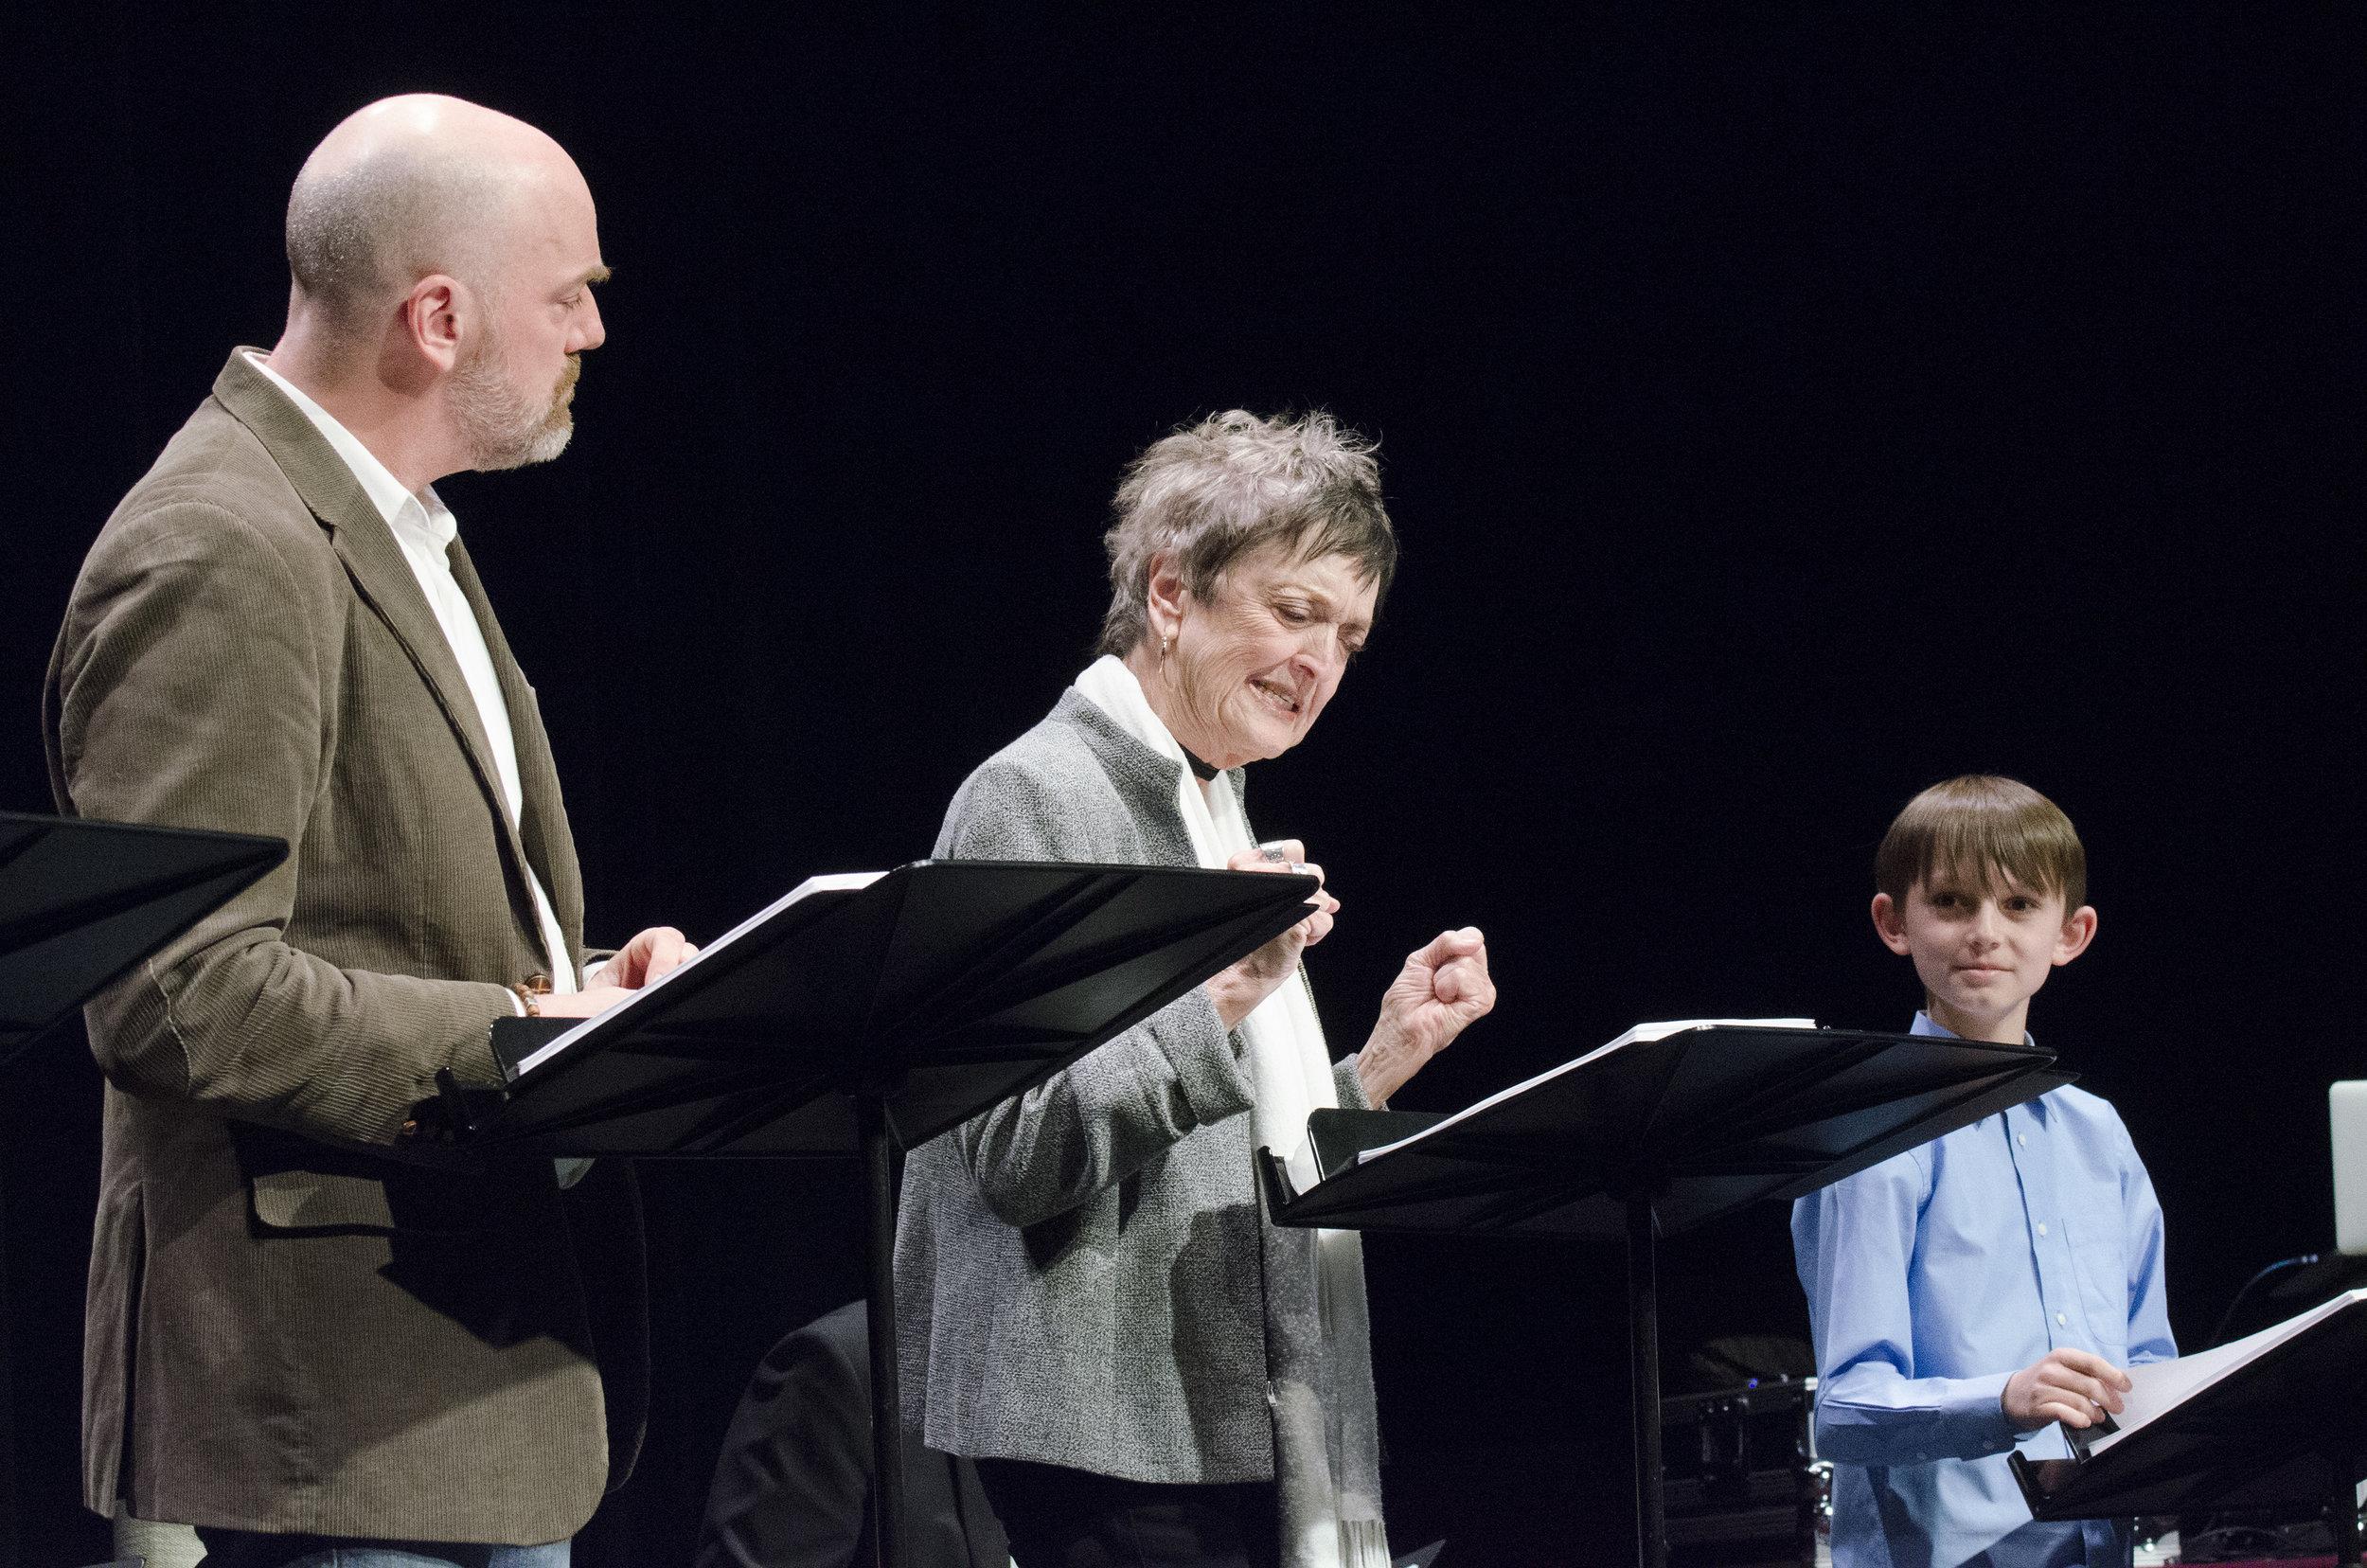 Steven Cole Hughes, Nancy Linehan Charles, Augie Reichert